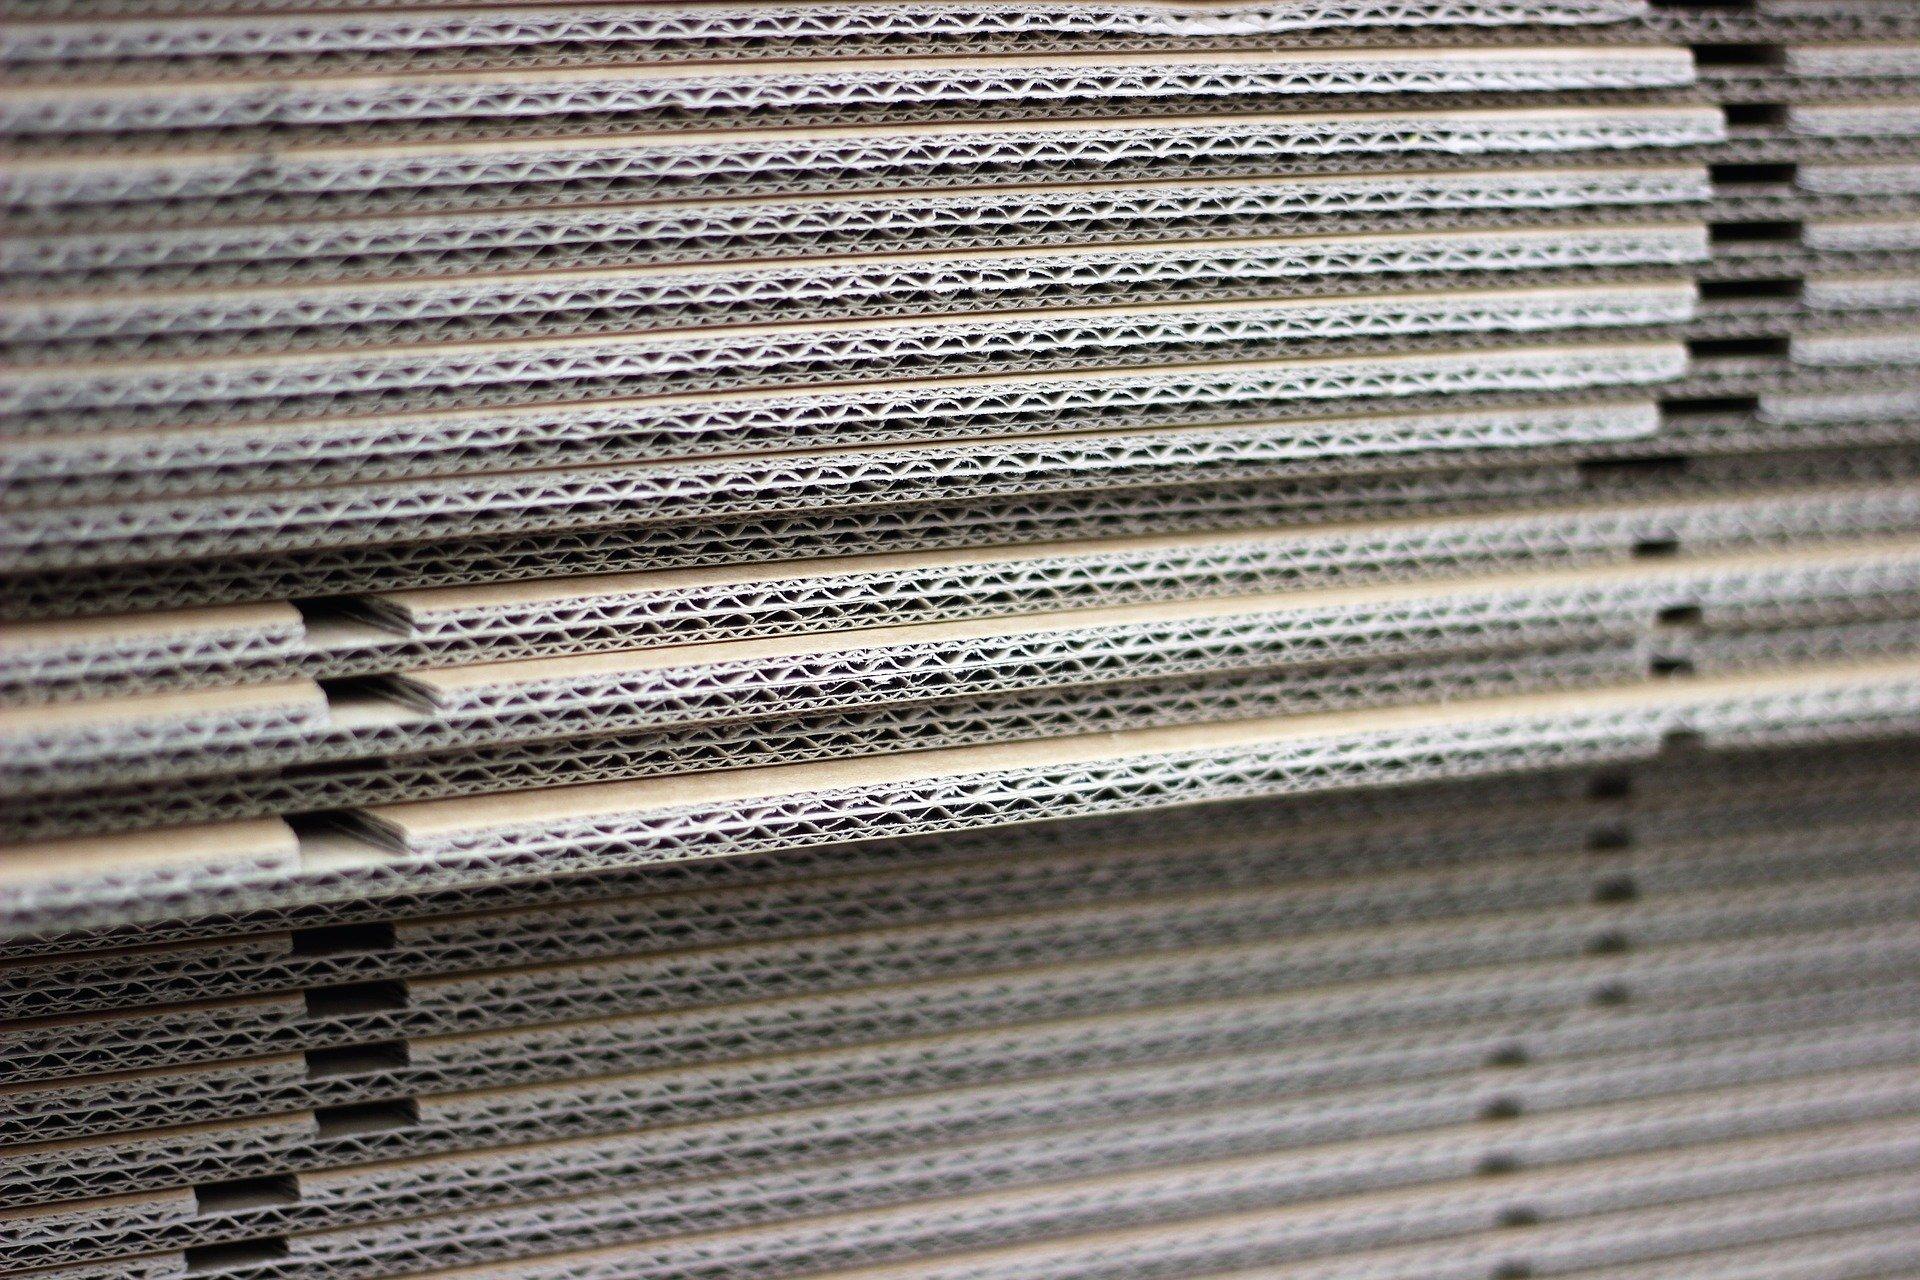 Pappbuchstabe - 19 Vorschläge für Pappbuchstaben